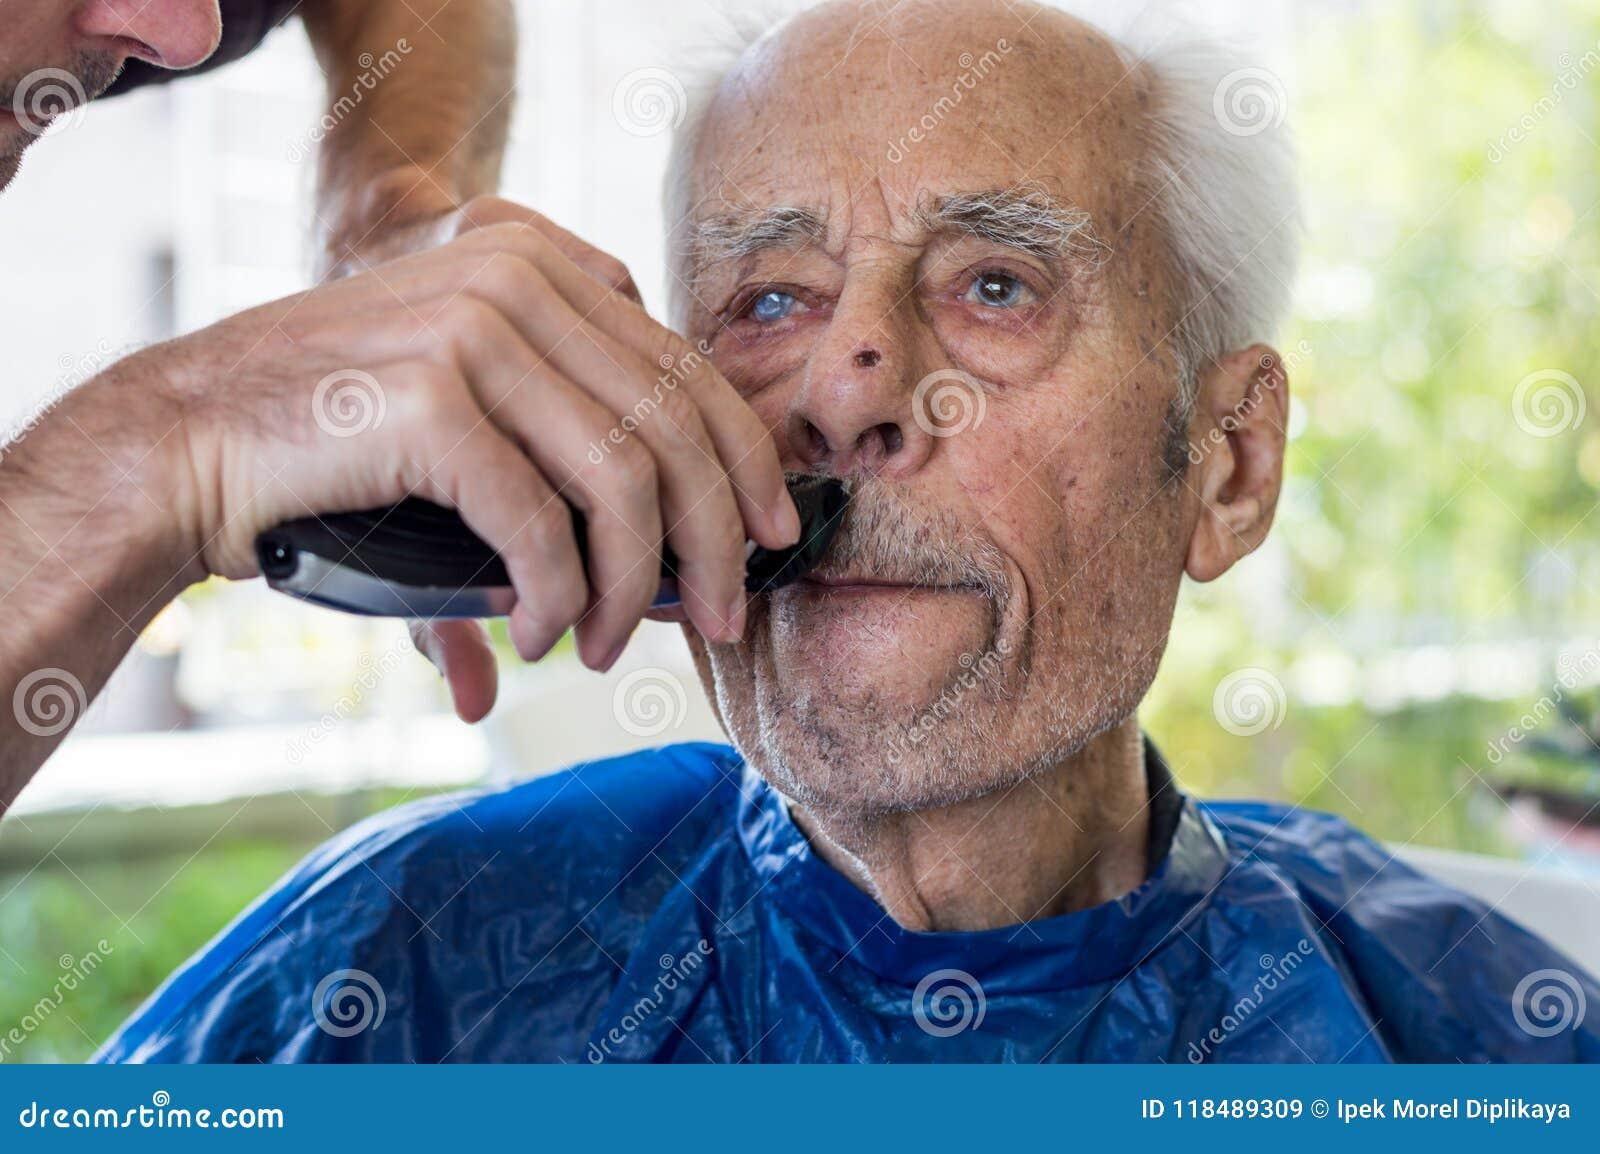 shaved old men